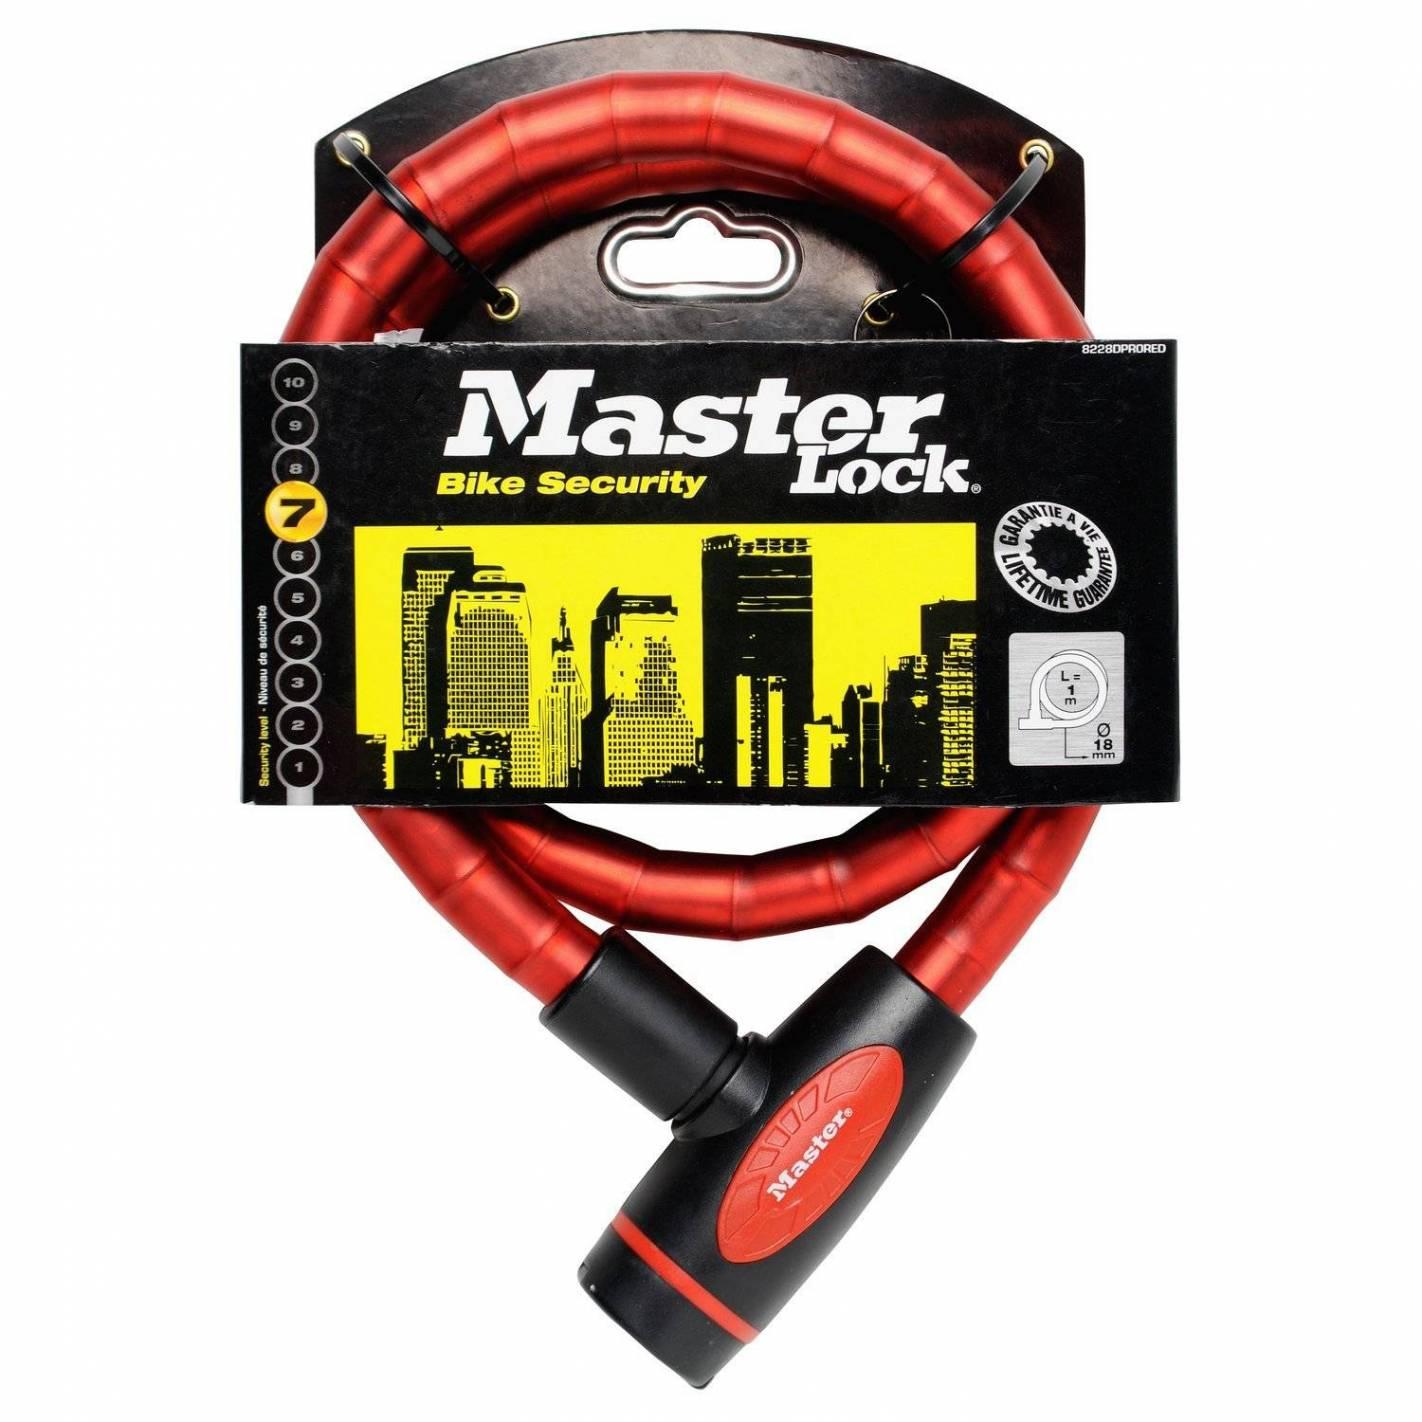 câble antivol articulé à clé - masterlock